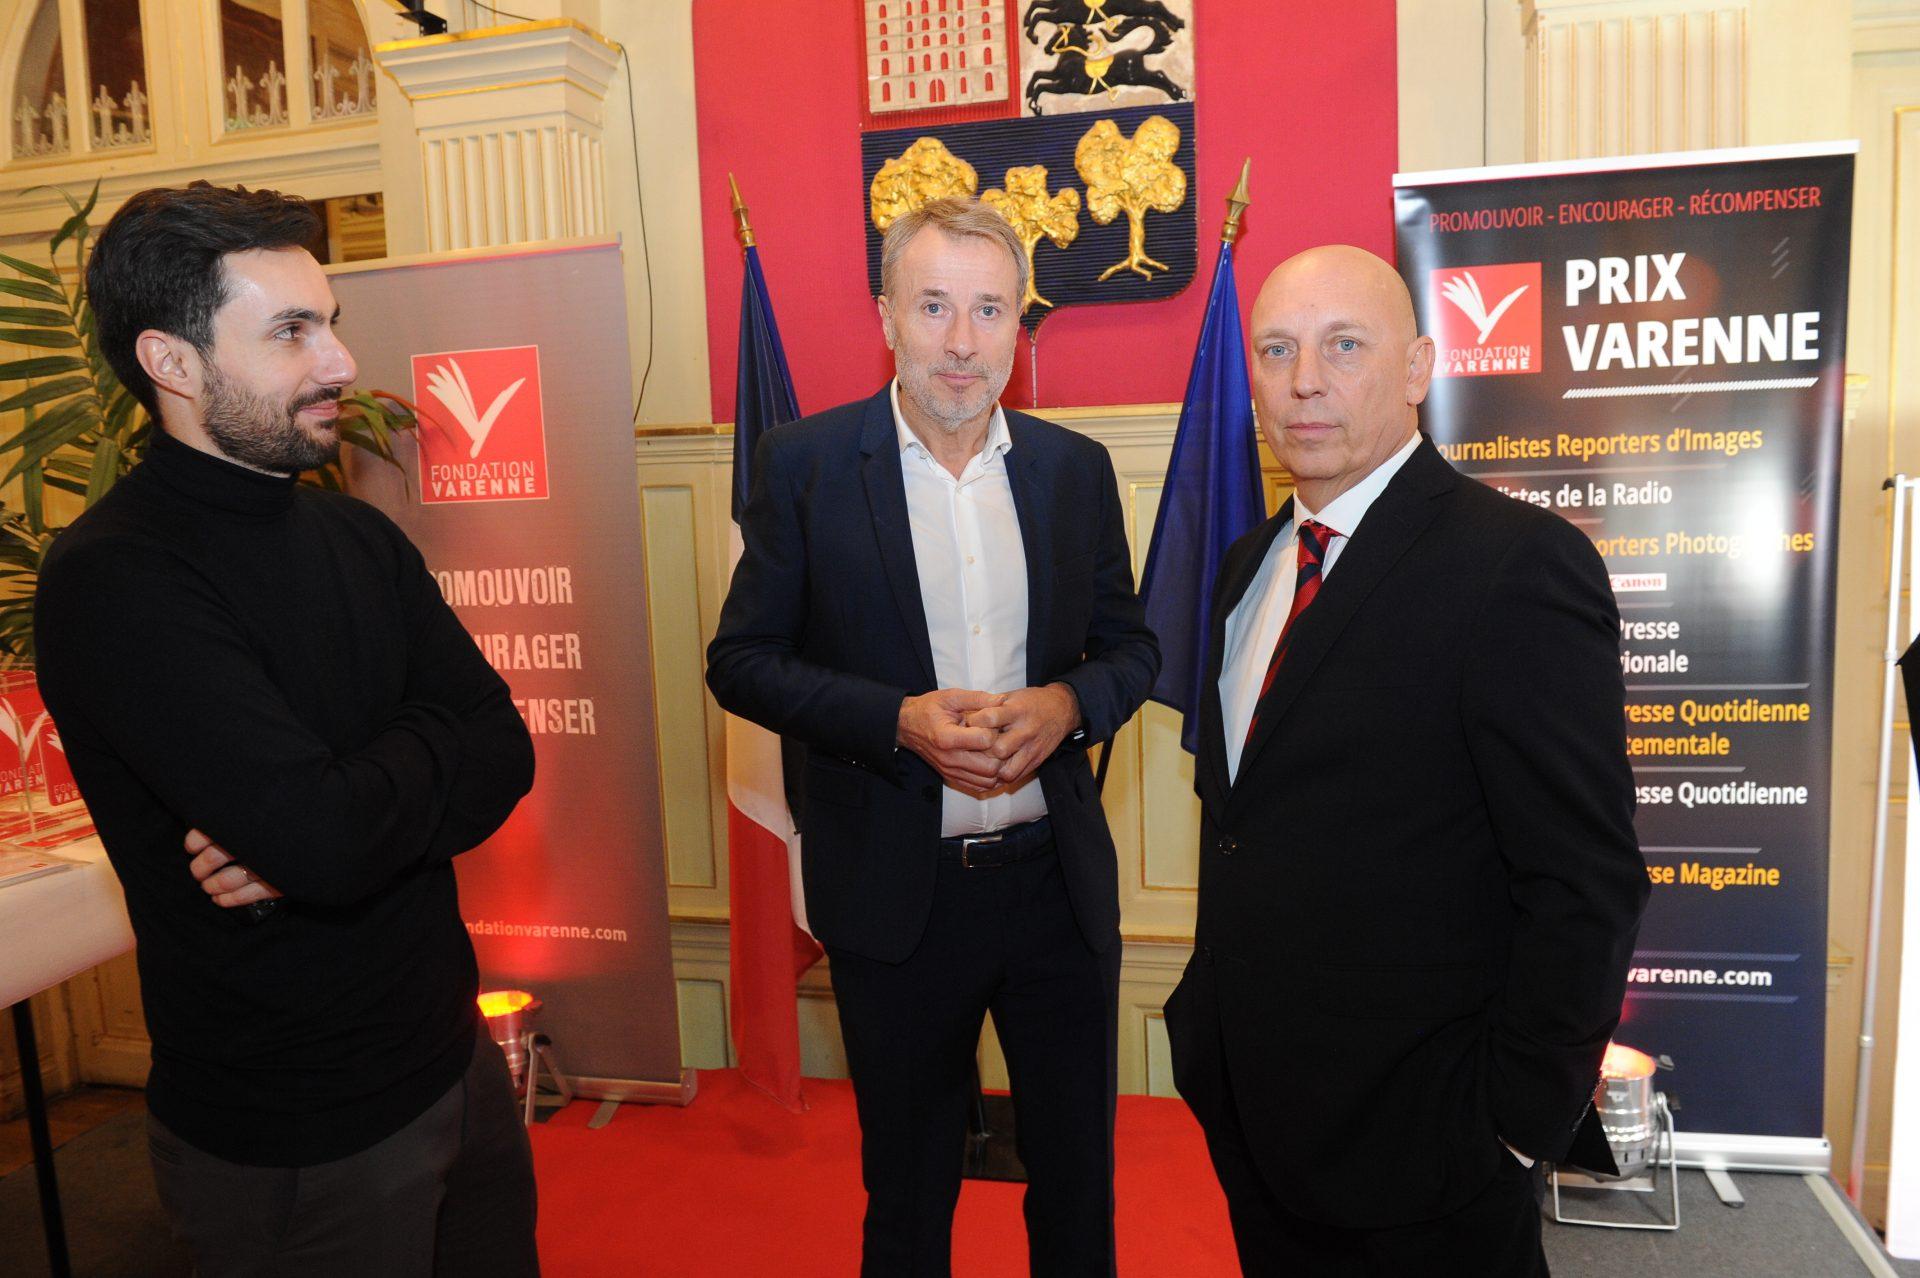 Franck Seguin lauréat photo presse nationale et Rock Lorente Canon France